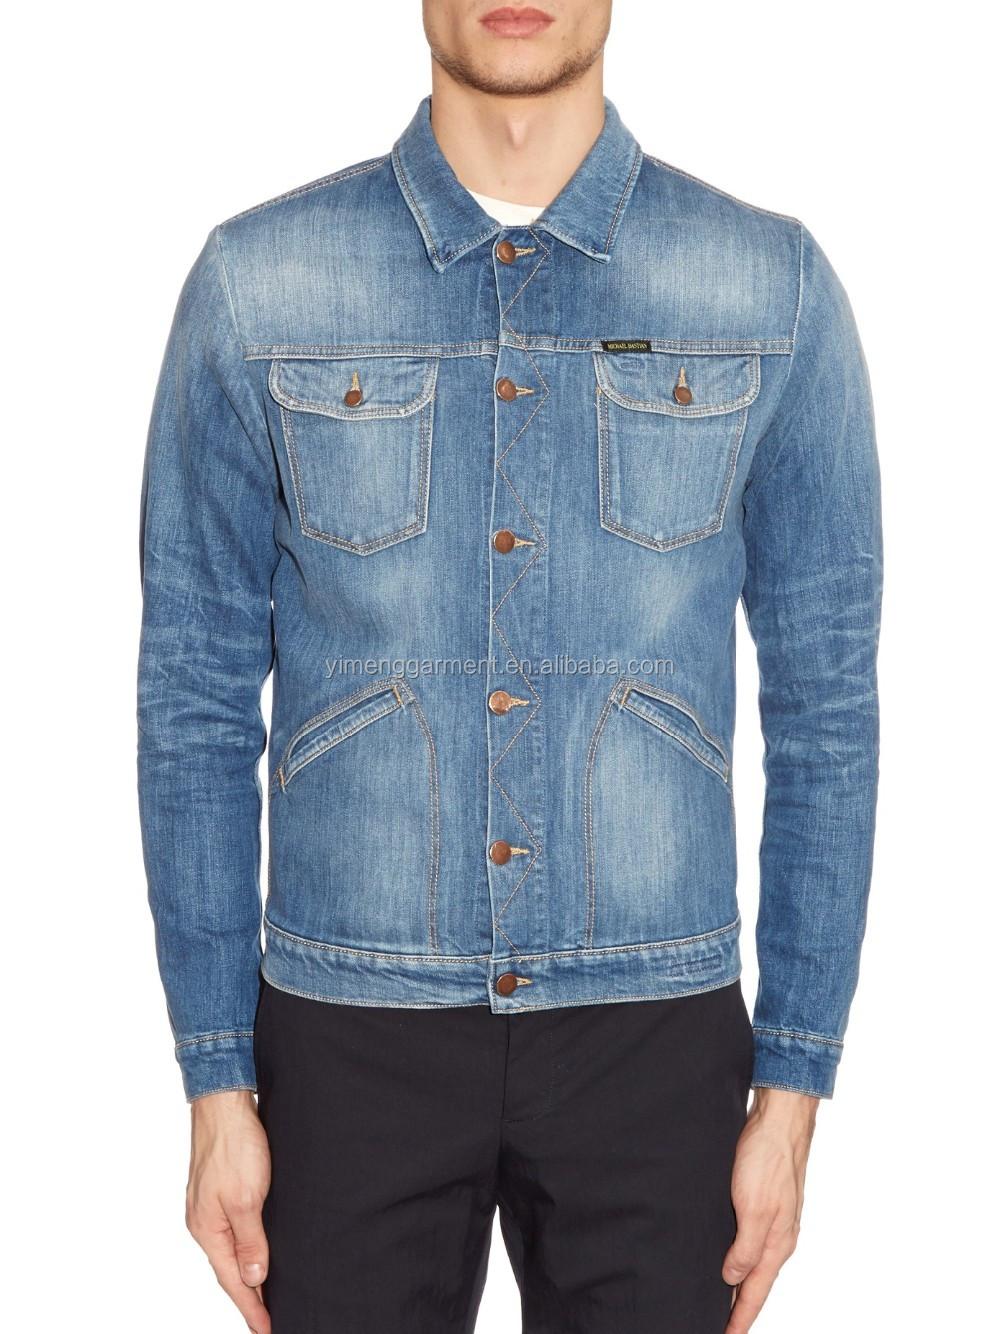 Denim Jeans Wholesale, Wholesale Various High Quality Denim Jeans Wholesale Products from Global Denim Jeans Wholesale Suppliers and Denim Jeans Wholesale .